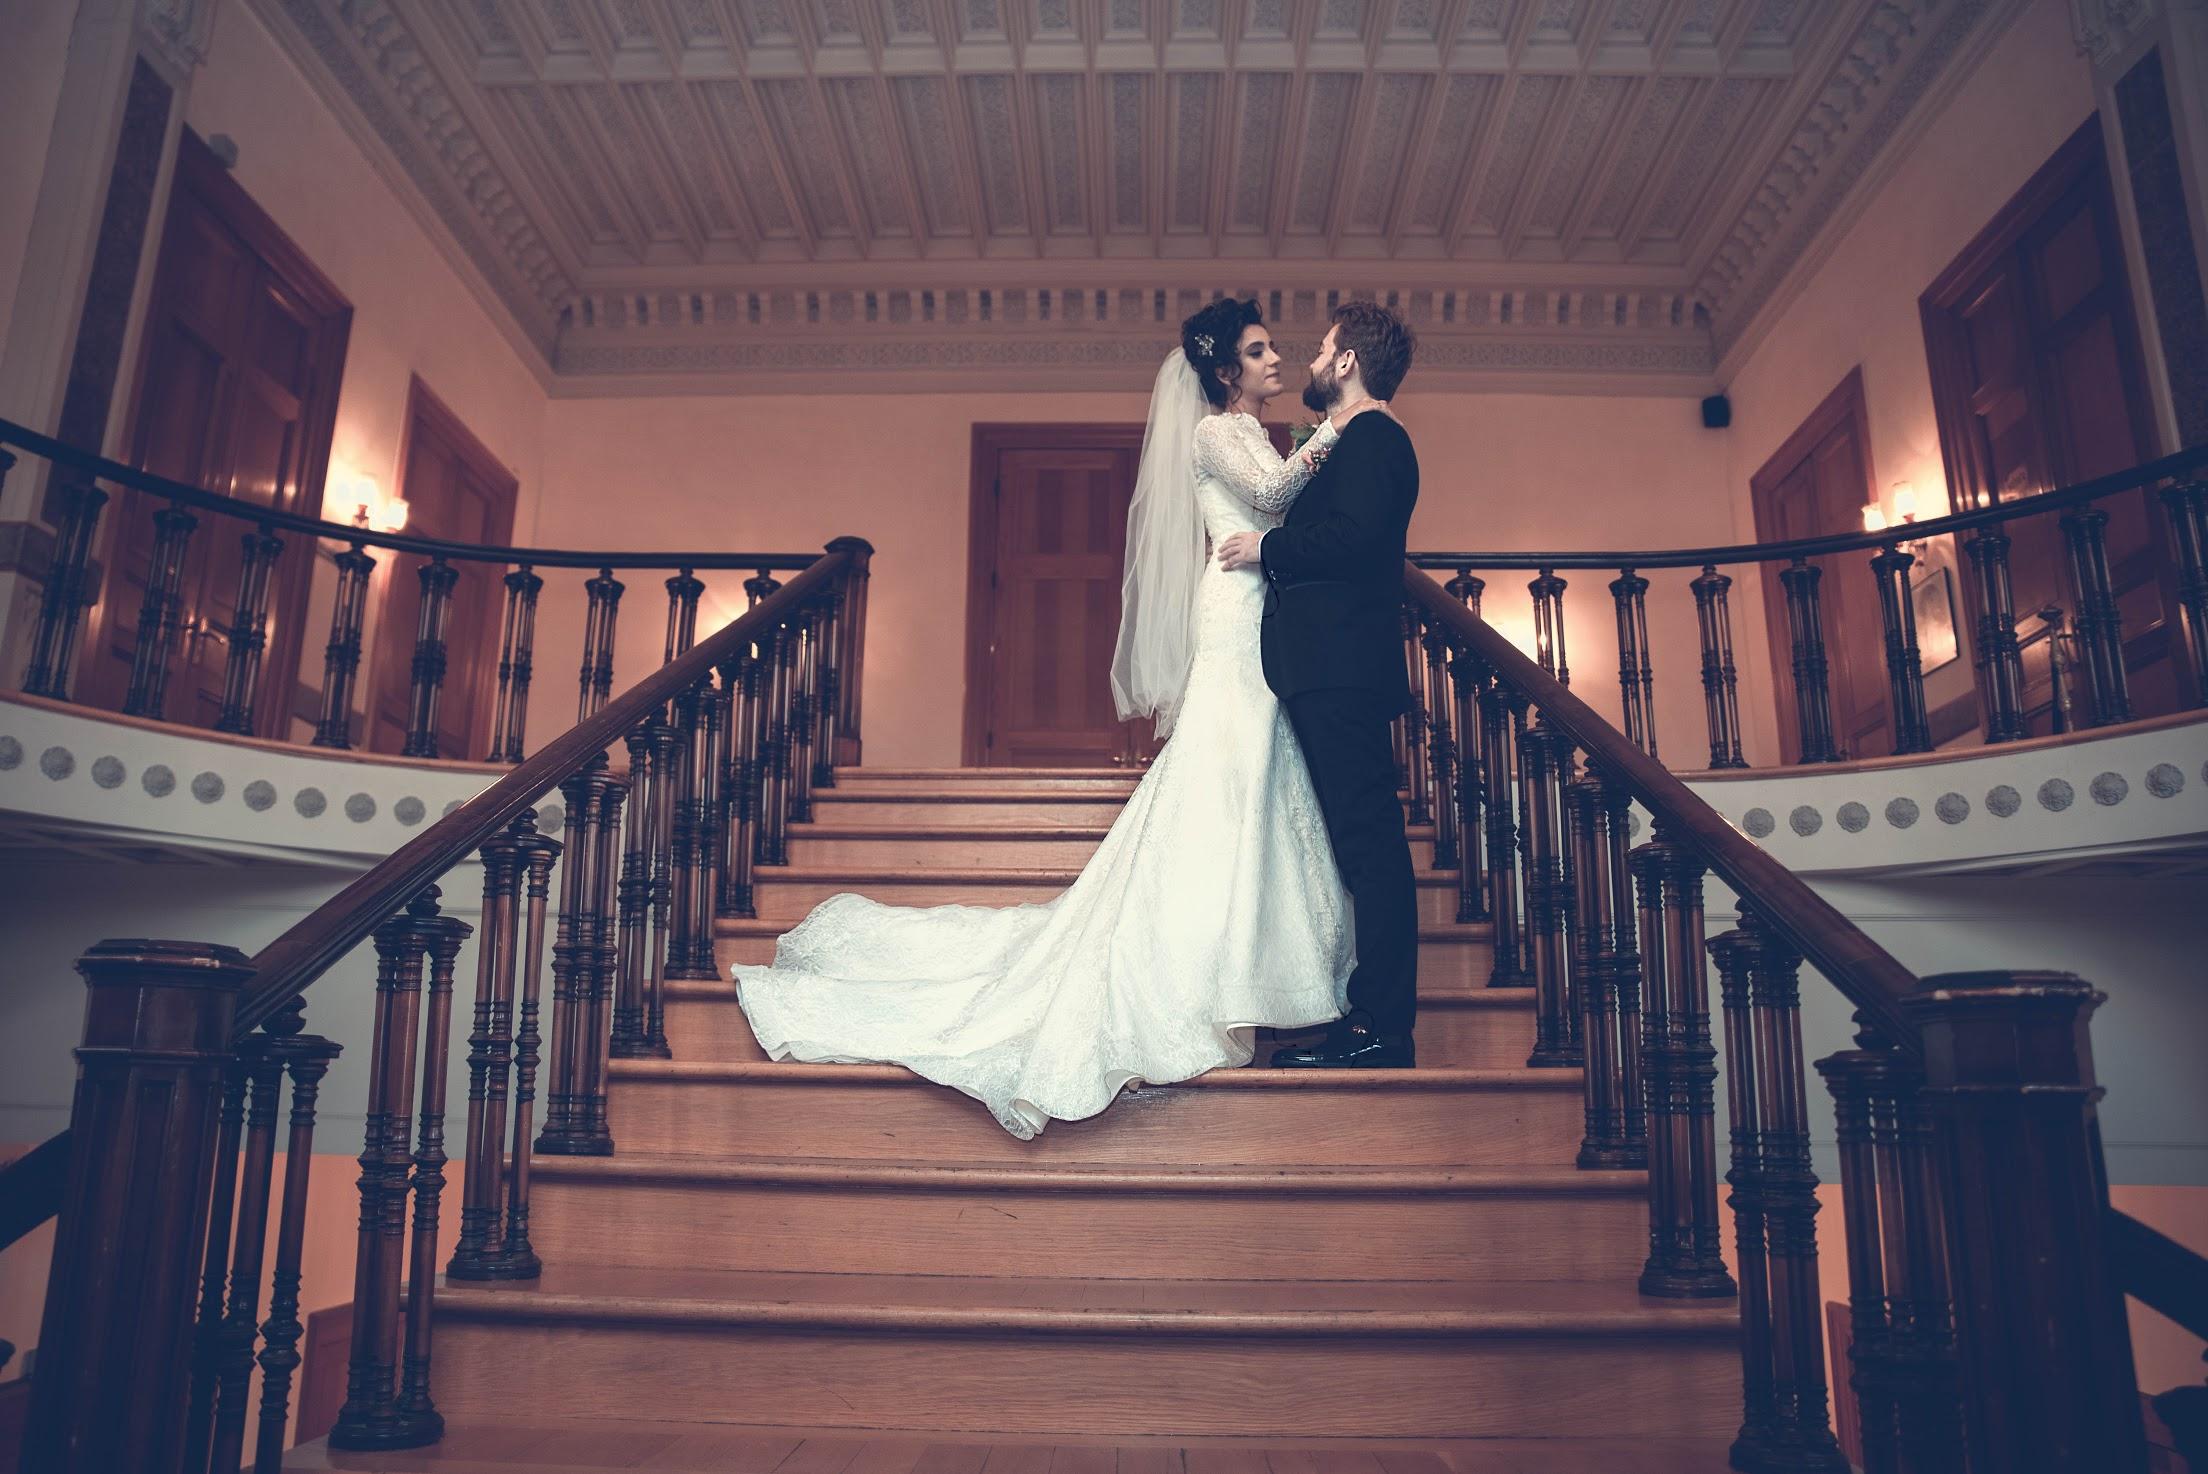 Adile sultankasri düğün fotograf Çekimi